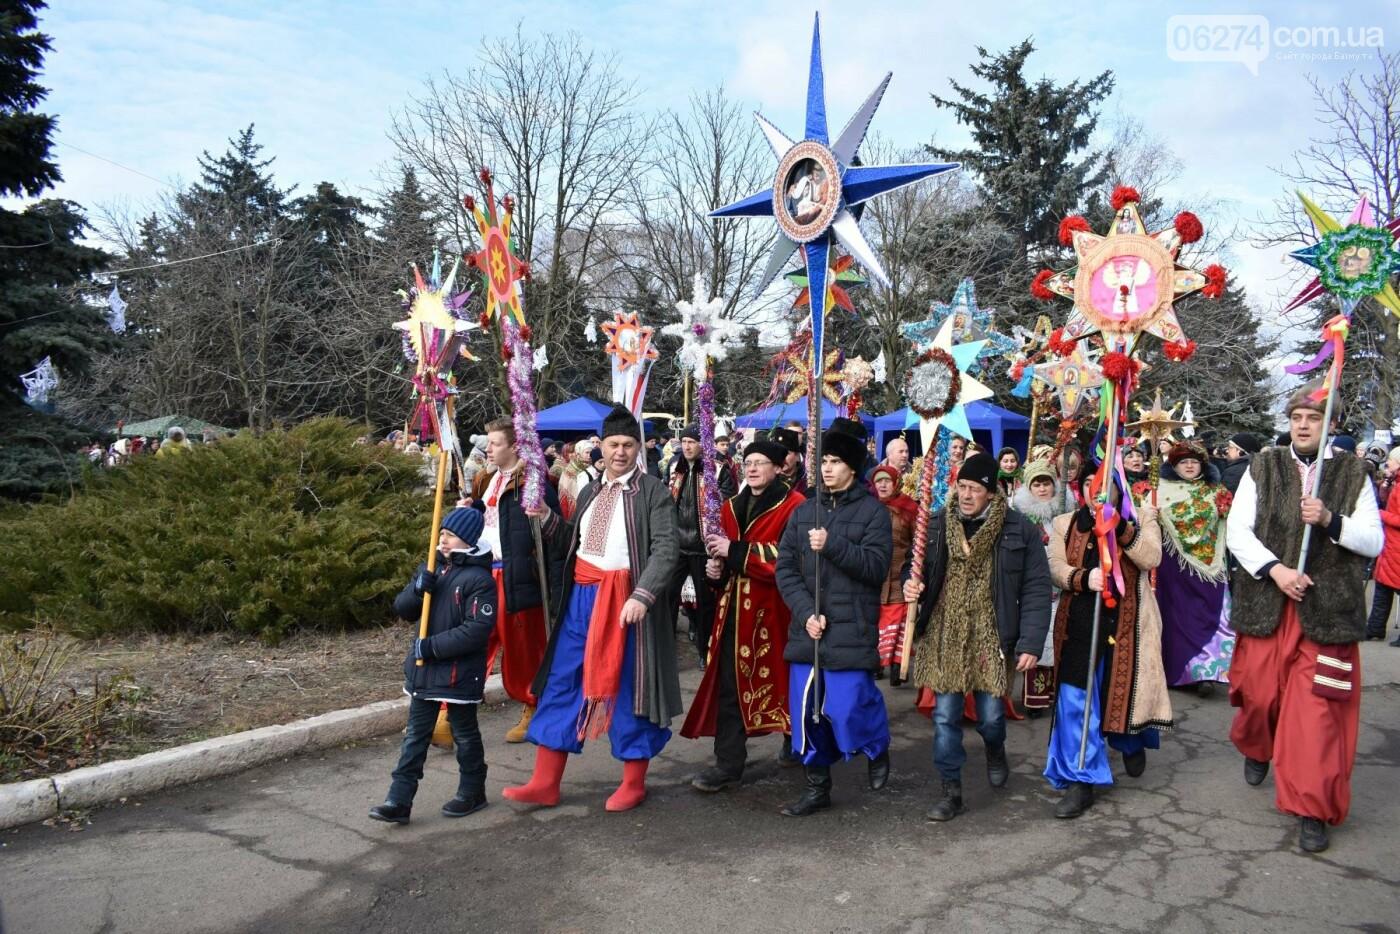 Бахмутские коллективы приняли участие в фестивале вертепов «Рождественский перезвон», фото-1